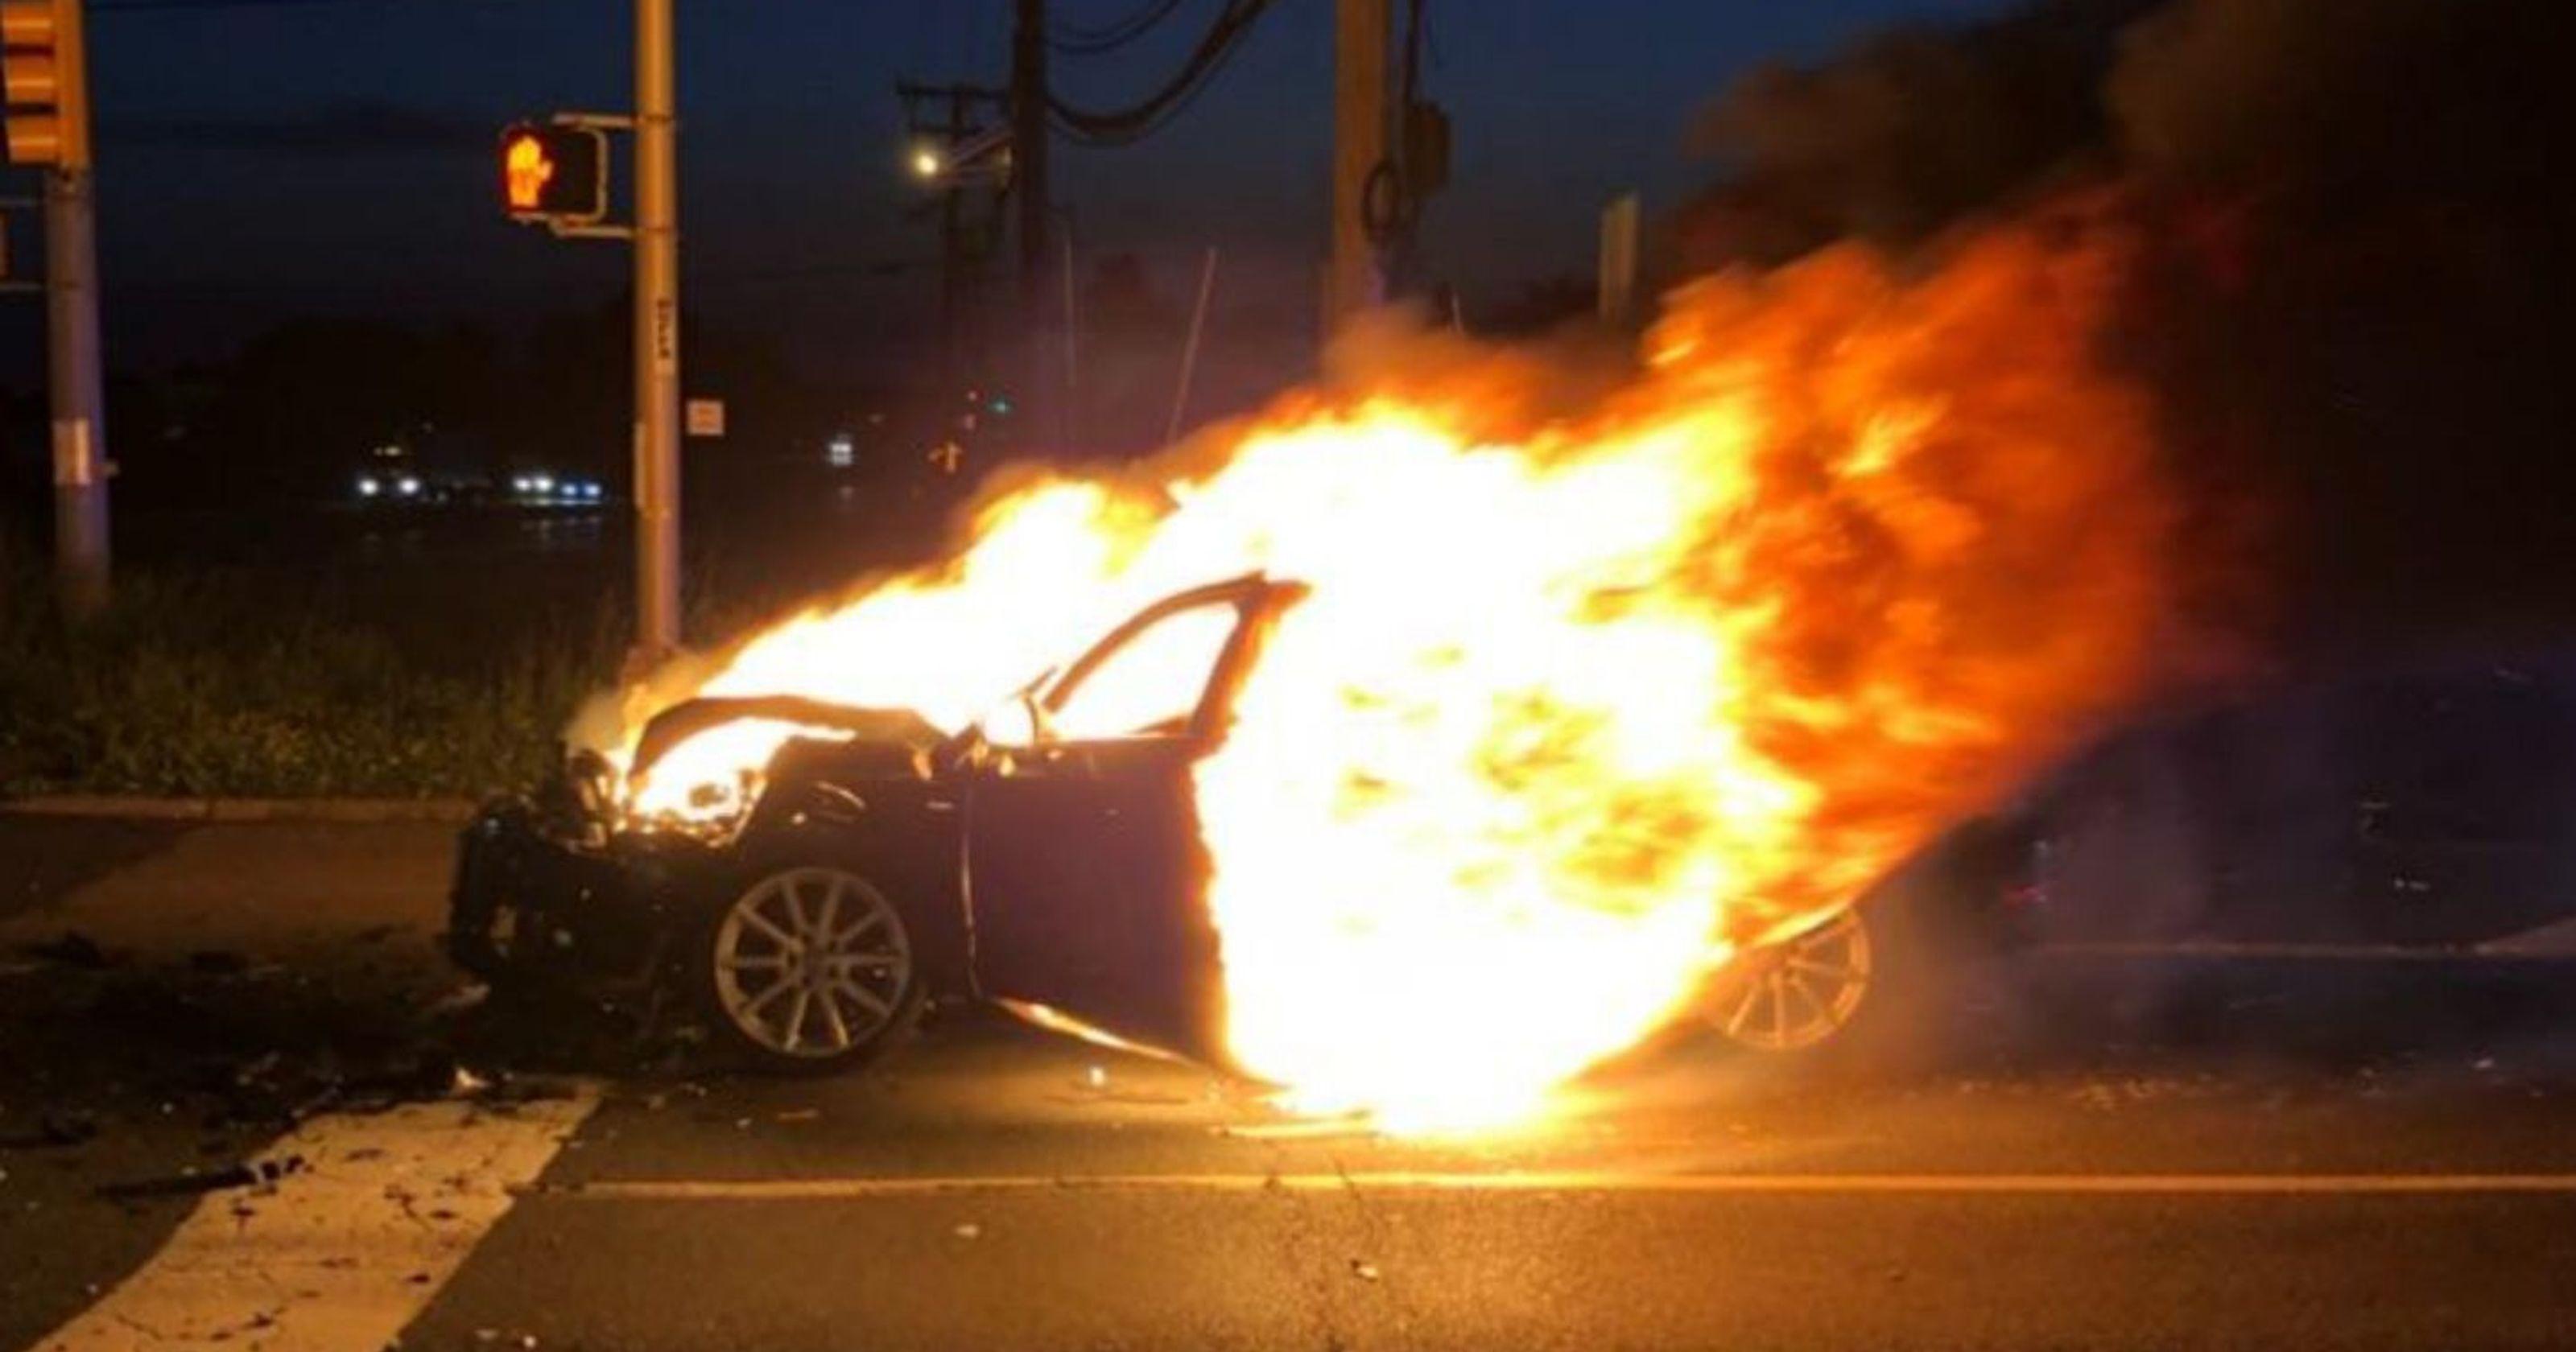 就在刚刚,一个小视频刷爆了本地华人的朋友圈!一辆红色的轿车,光天化日之下,竟然就这么自己烧着了!从视频上看,火烧的很厉害,已经把车烧的只剩框架了,不知道里面有没有人,为车上的人捏一把汗……事件发生的位置,在本拿比最重要的主干道Kingsway上,事故车看起来是由东向西行驶。在事故车的一侧,是本地华人非常喜欢的港式茶餐厅利苑和台式餐厅生活小品,在马路的另一侧,则是台式餐厅MYST和川厨人家。目前起火路段周边交通已经瘫痪,请大家注意绕行,安全...